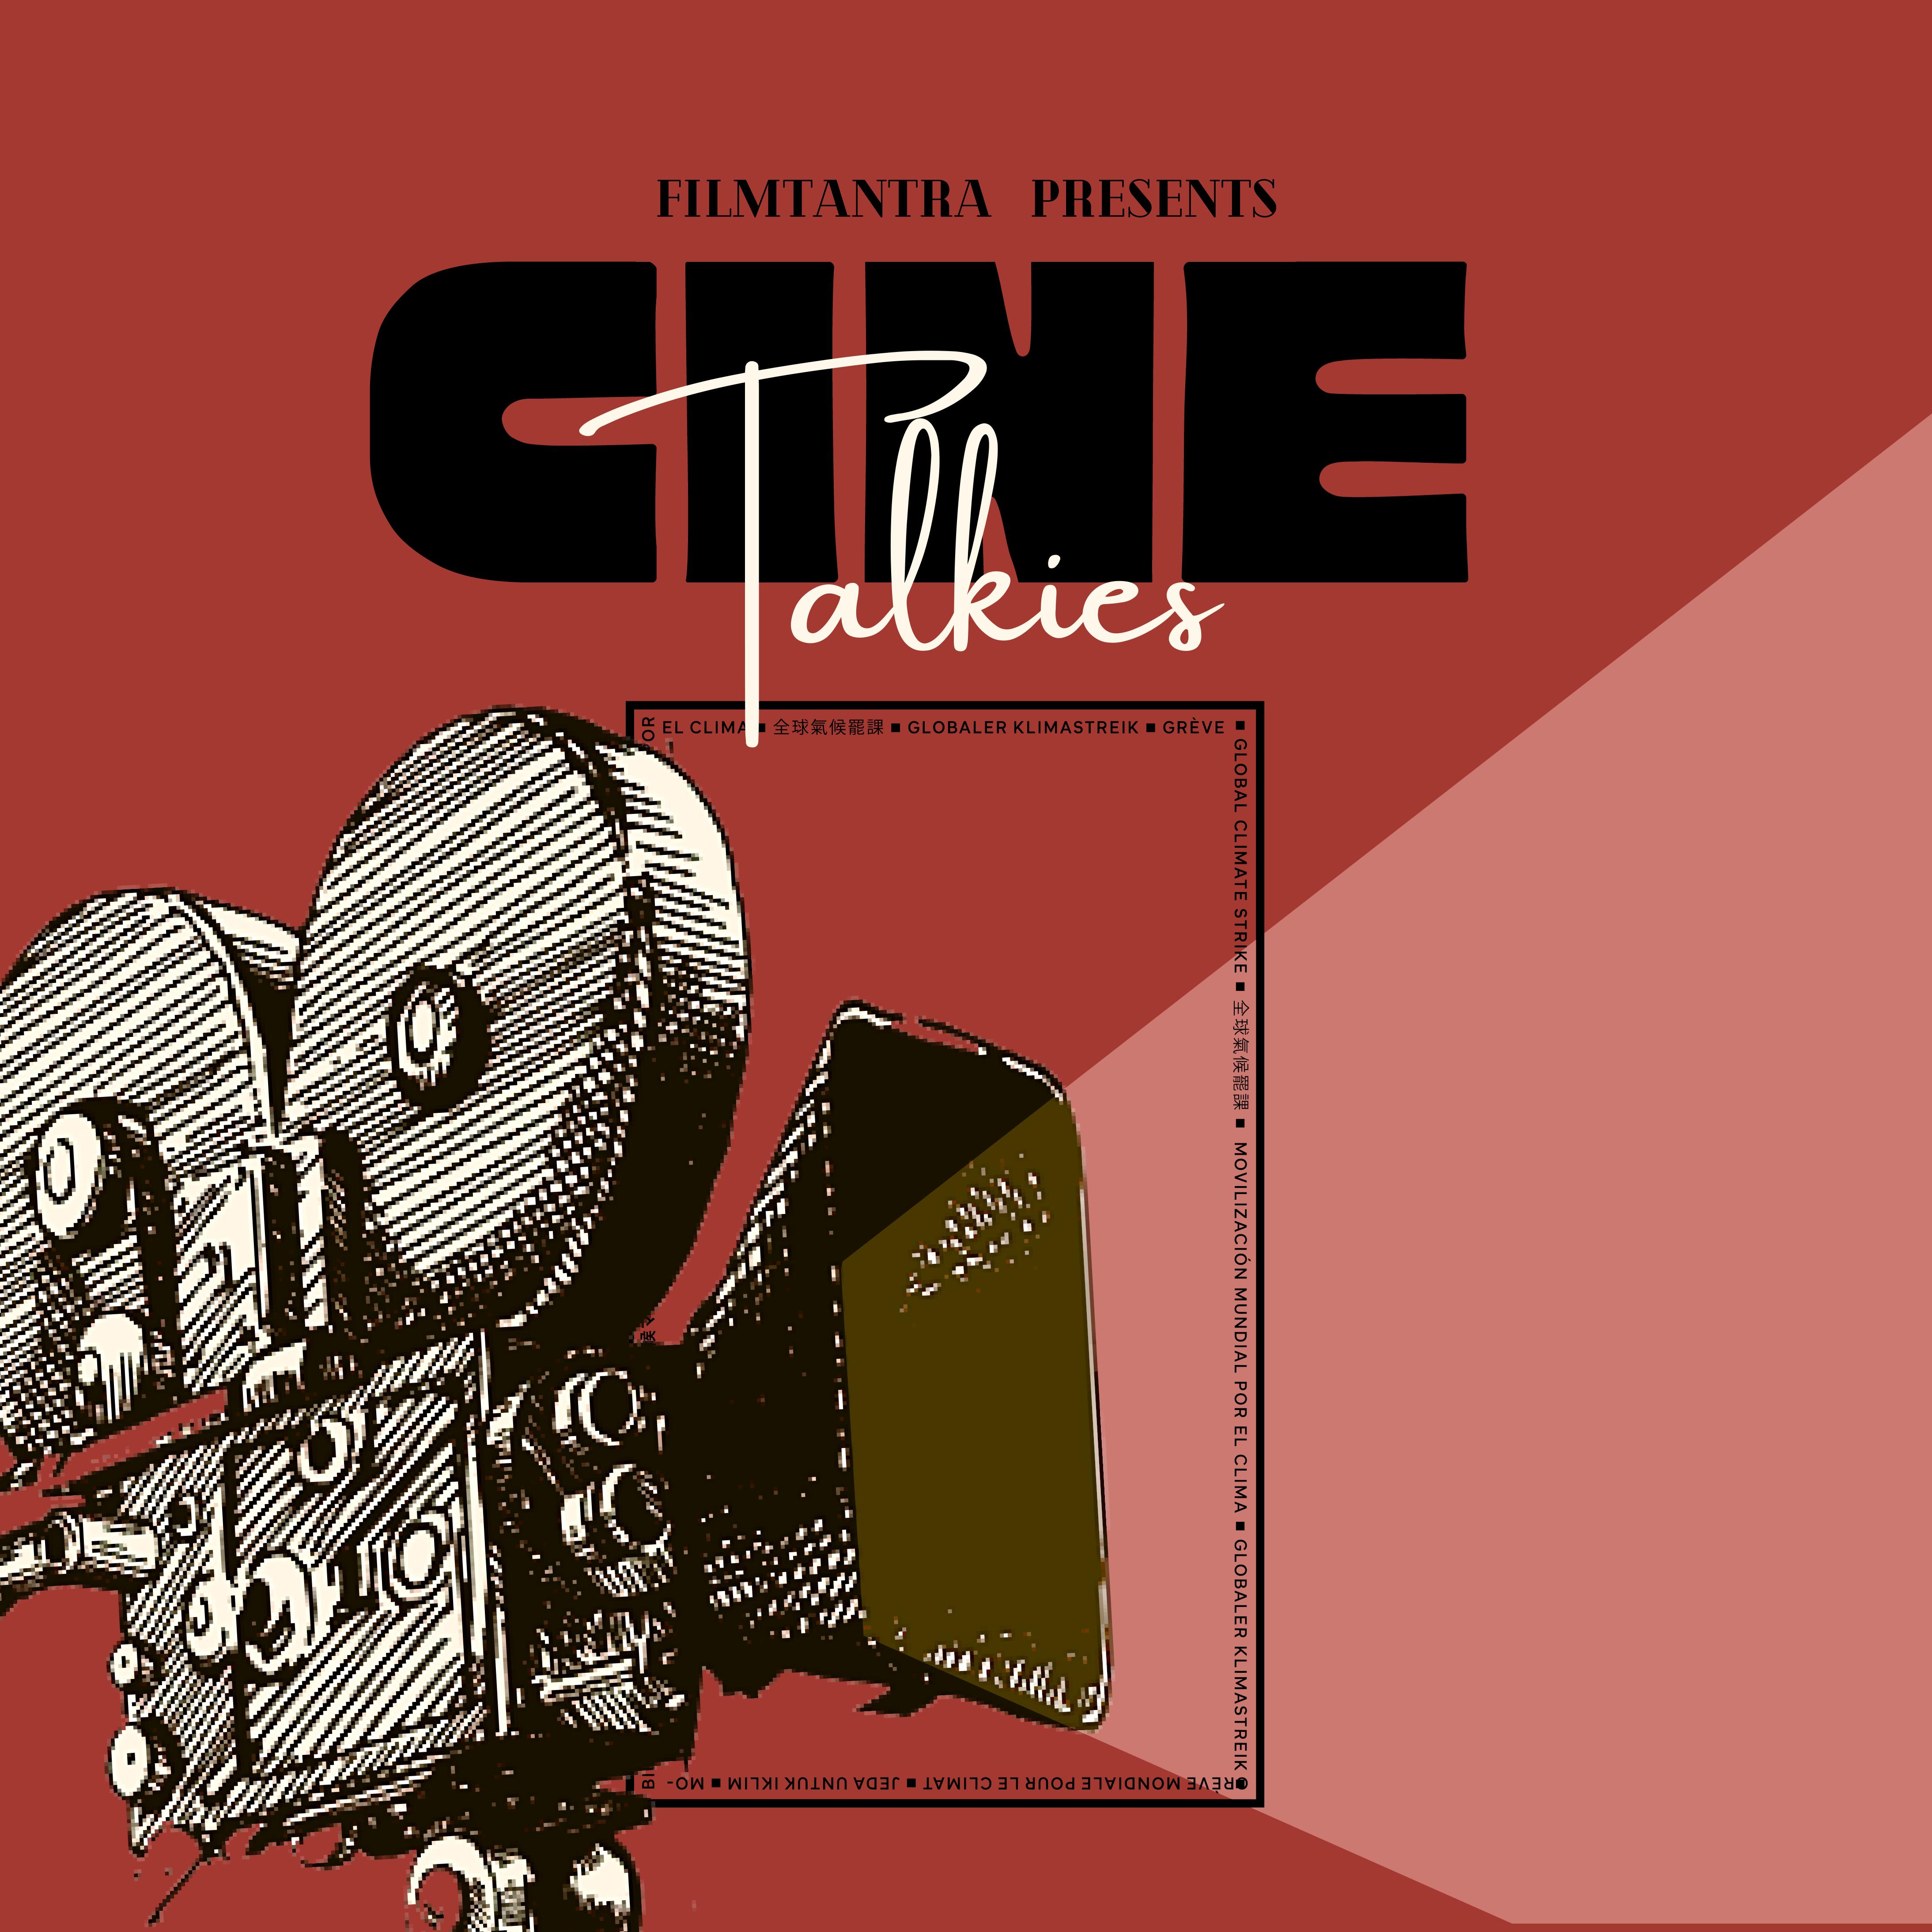 CineTalkies | Podcast Image